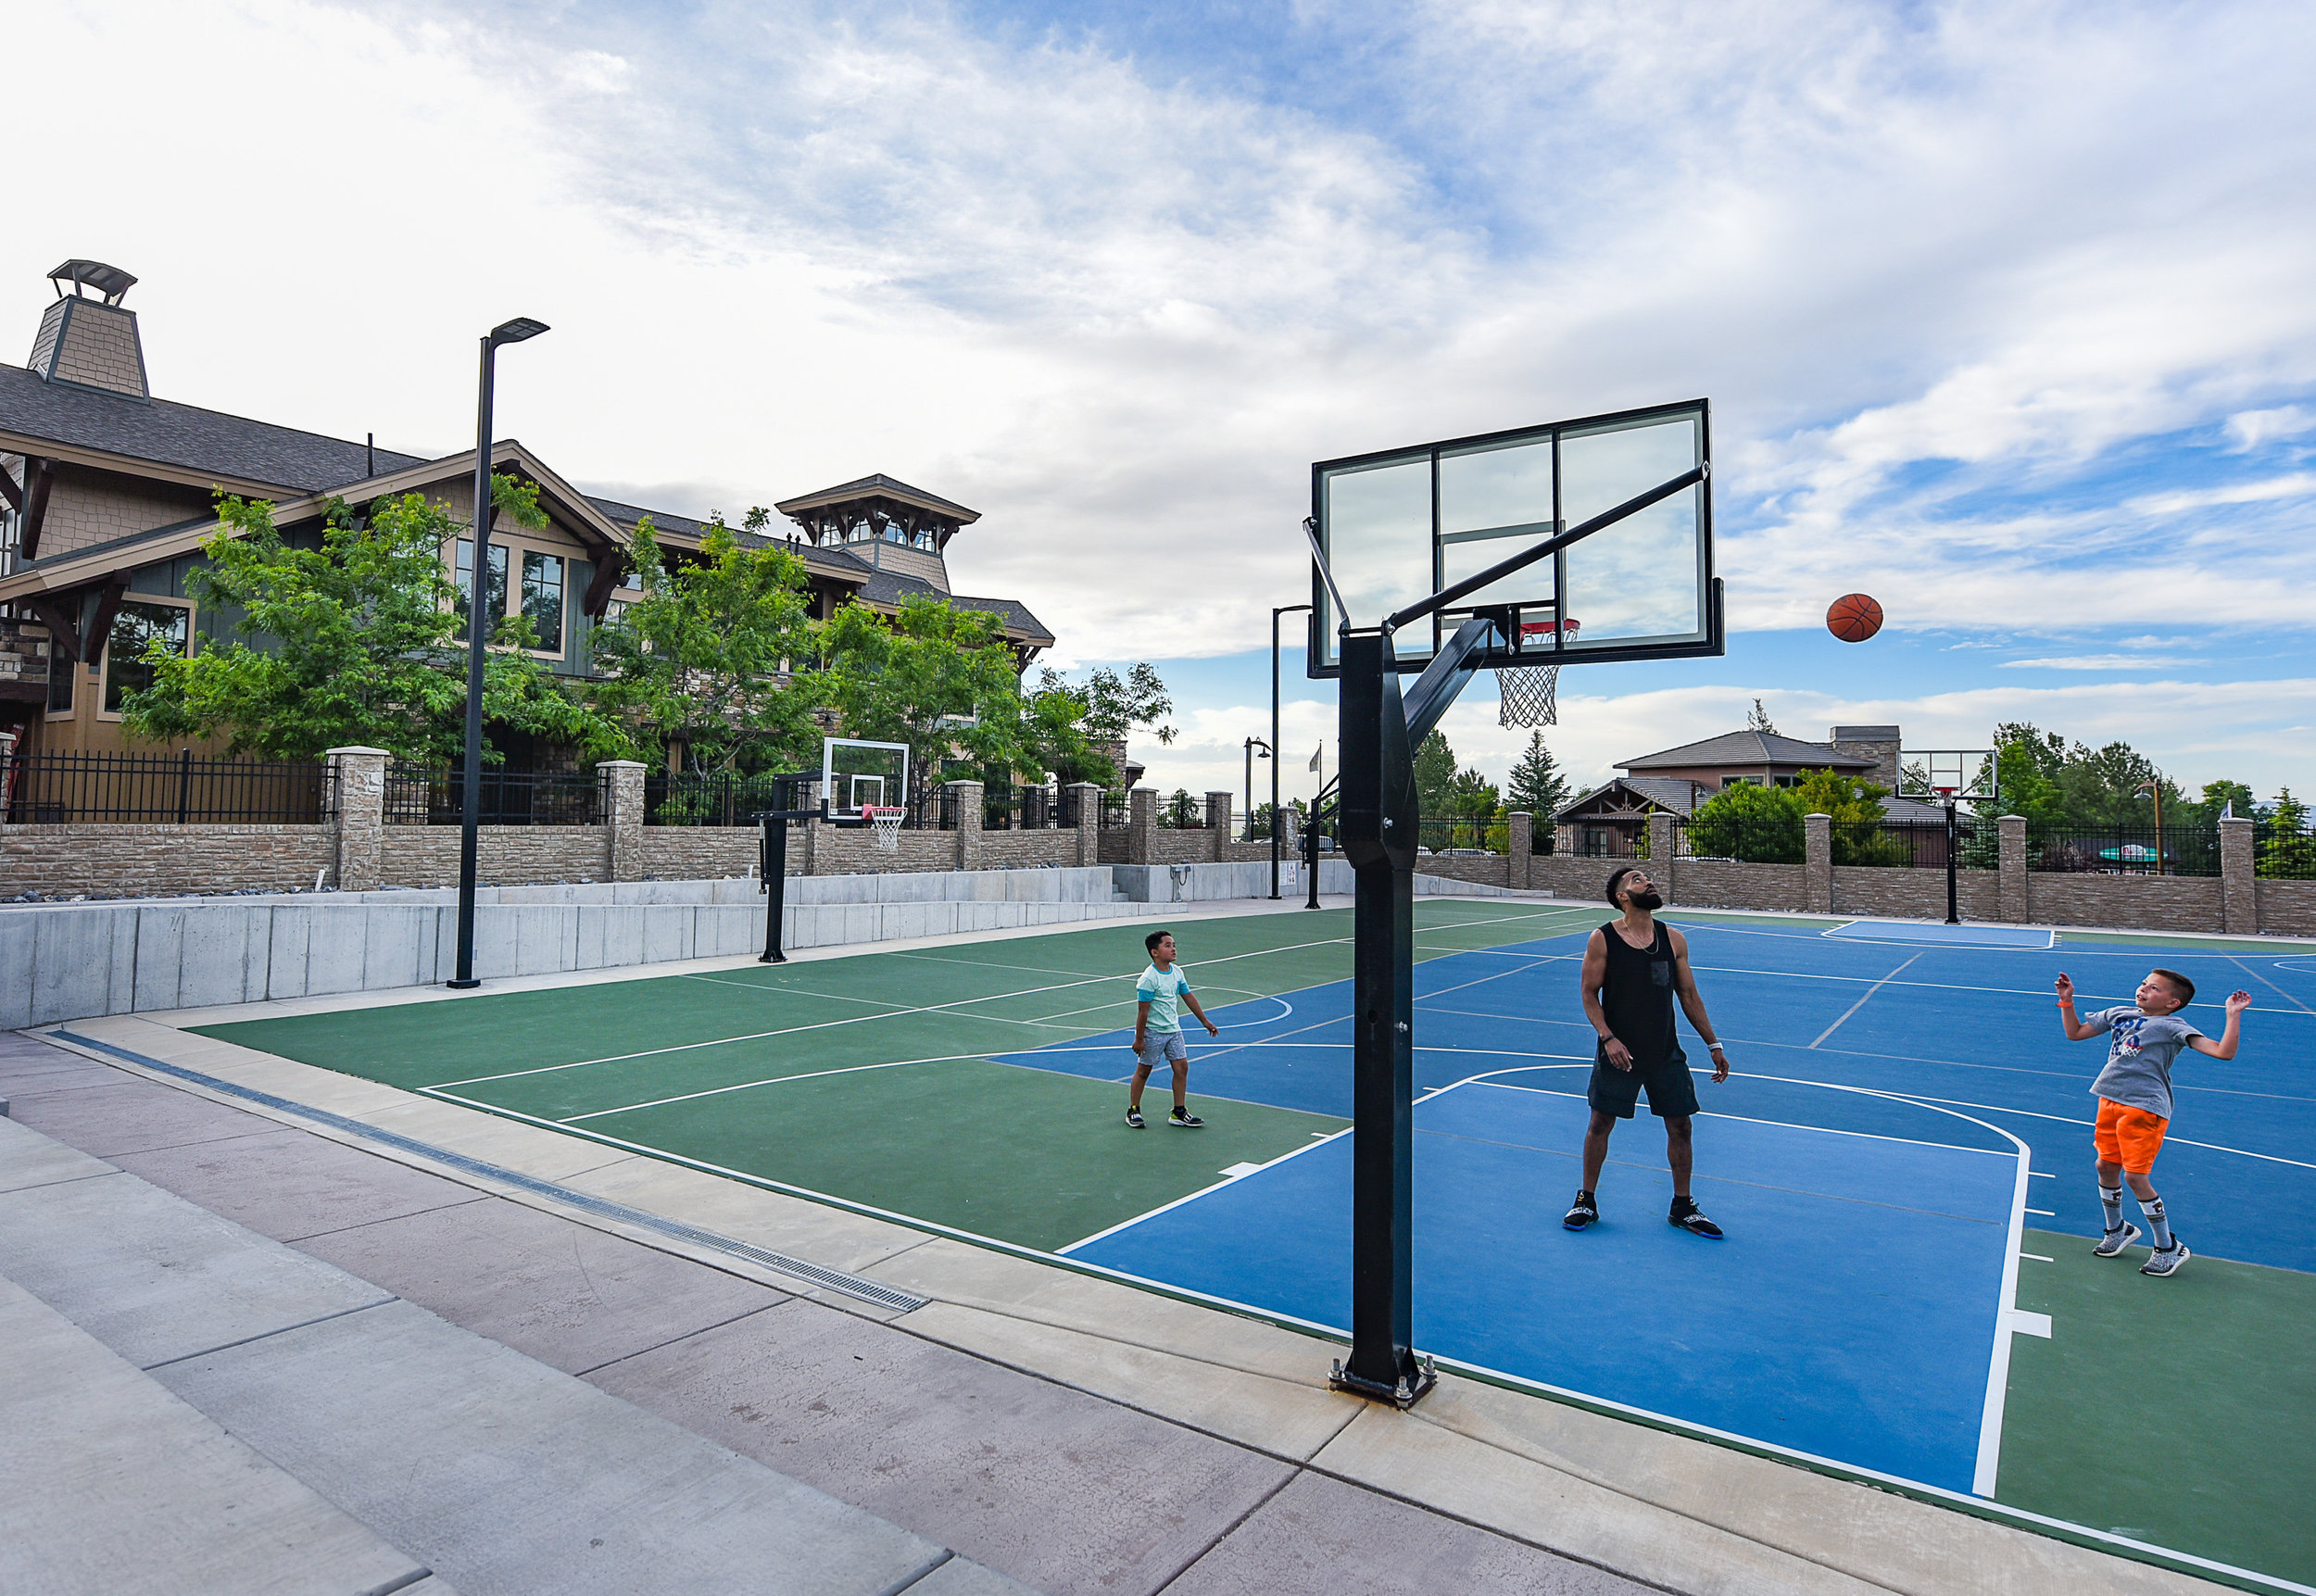 sportscourt-2.jpg